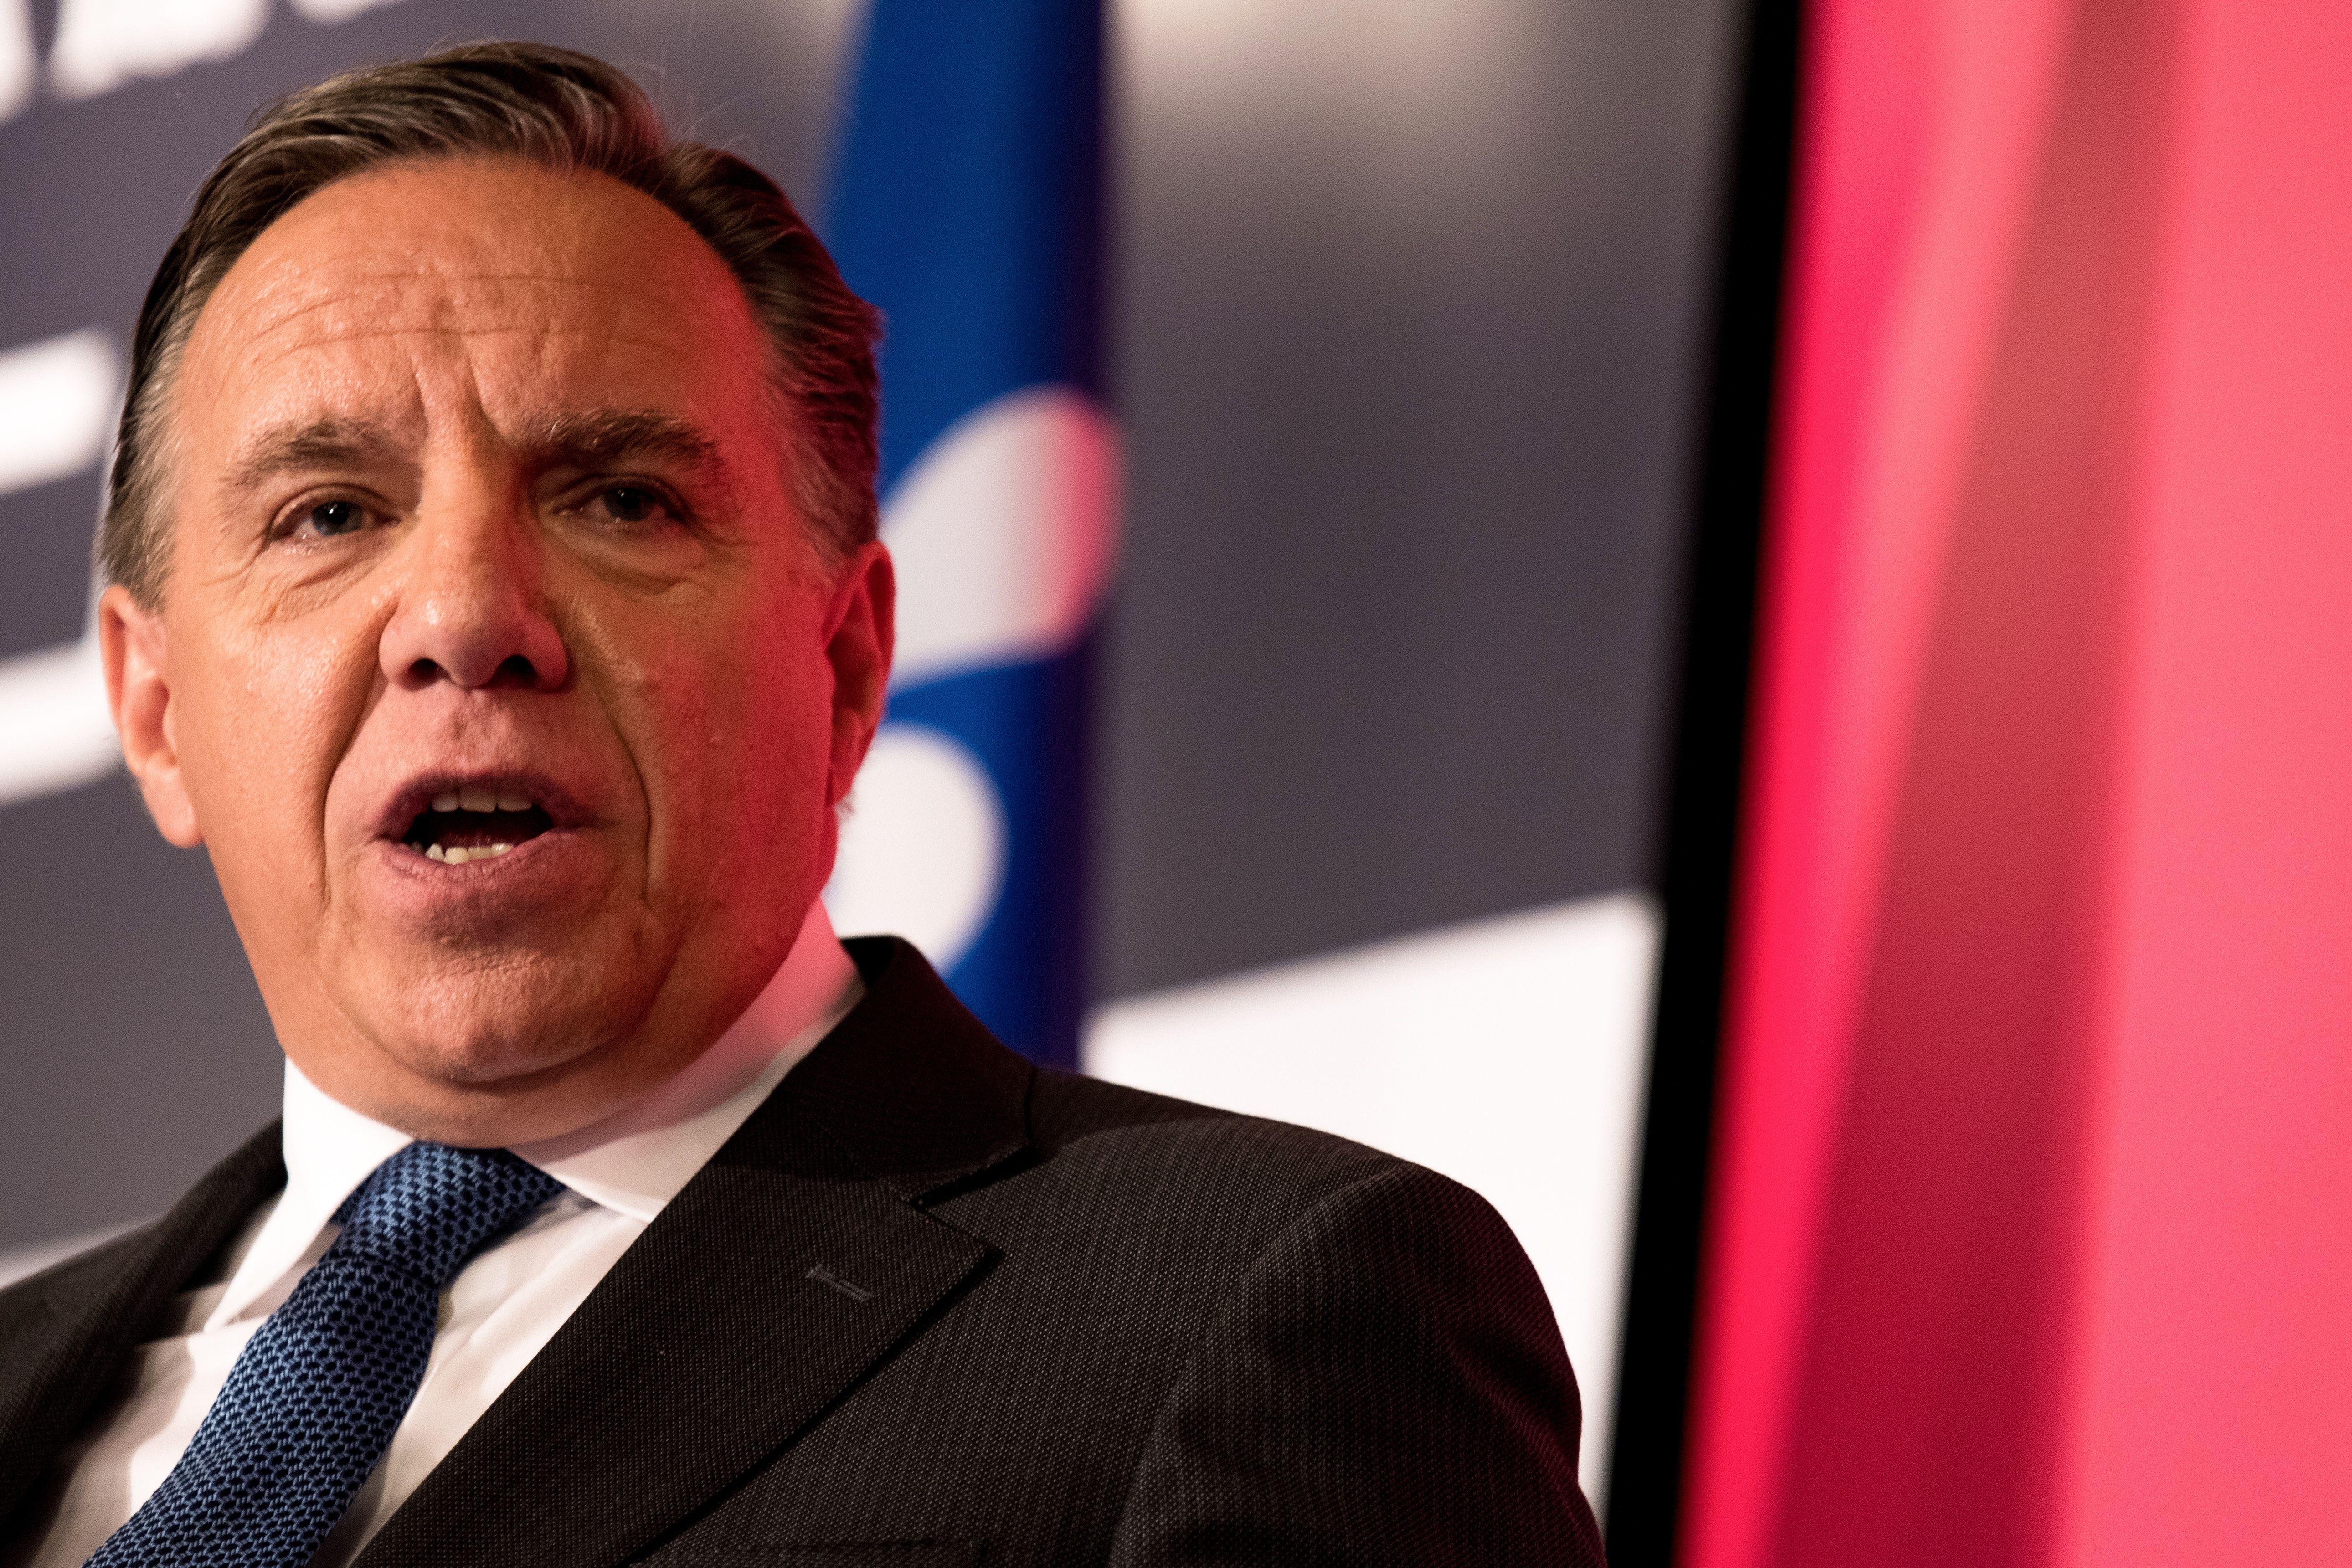 FILES-CANADA-QUEBEC-ELECTIONS-CAQ-PM